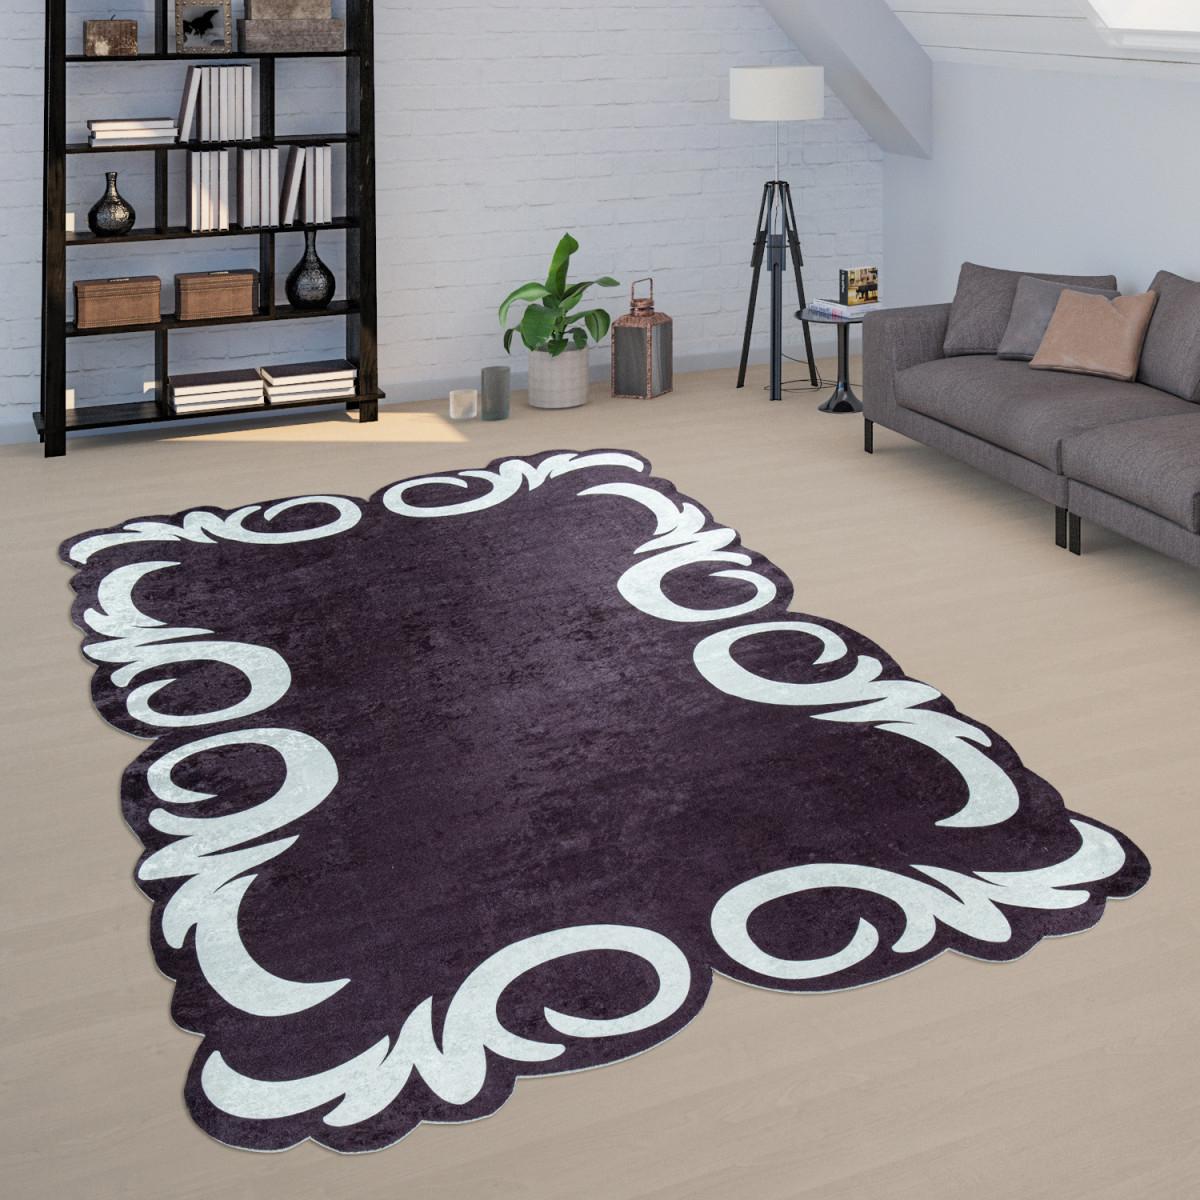 Teppich Wohnzimmer Schwarz Weiß Weich Florales Design Bordüre Robust  Kurzflor von Teppich Wohnzimmer Schwarz Bild